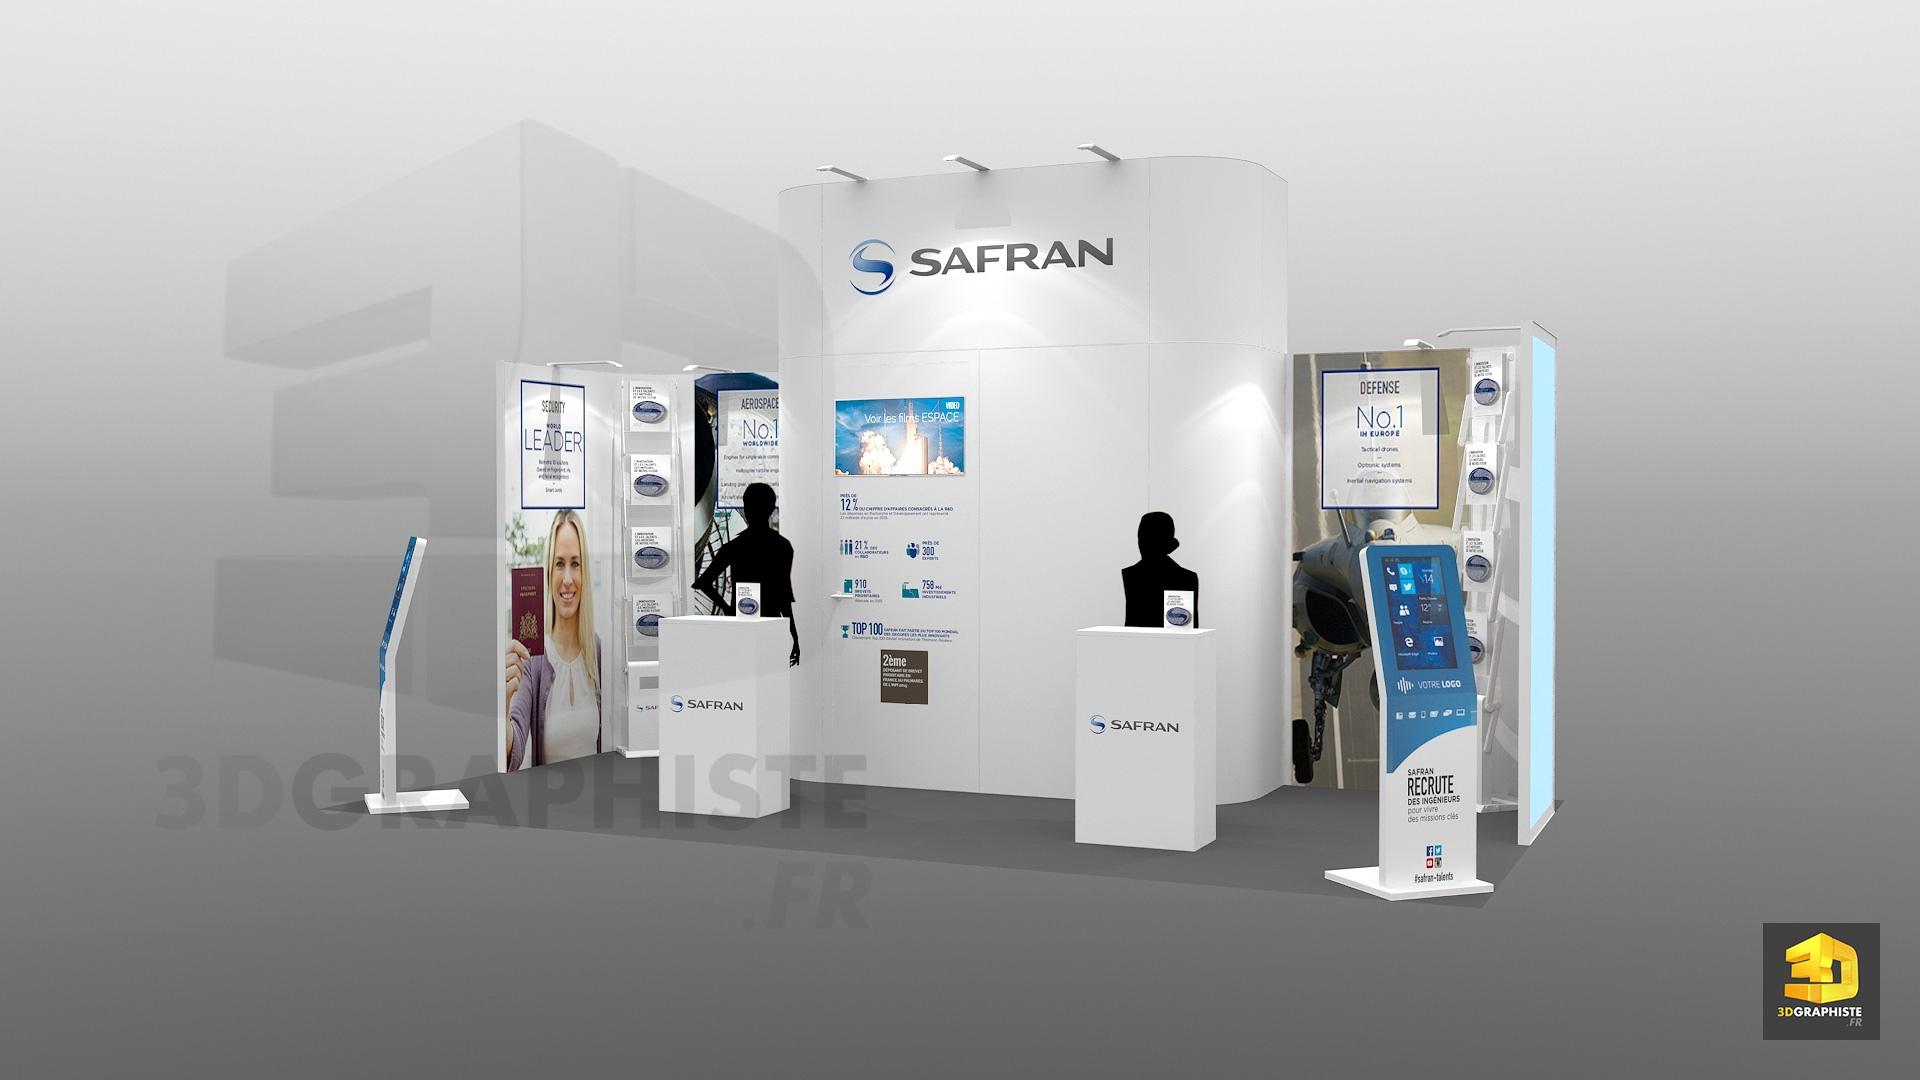 Stand modulaire safran pour salons tudiants 3dgraphiste fr for Porte de champerret salon etudiant